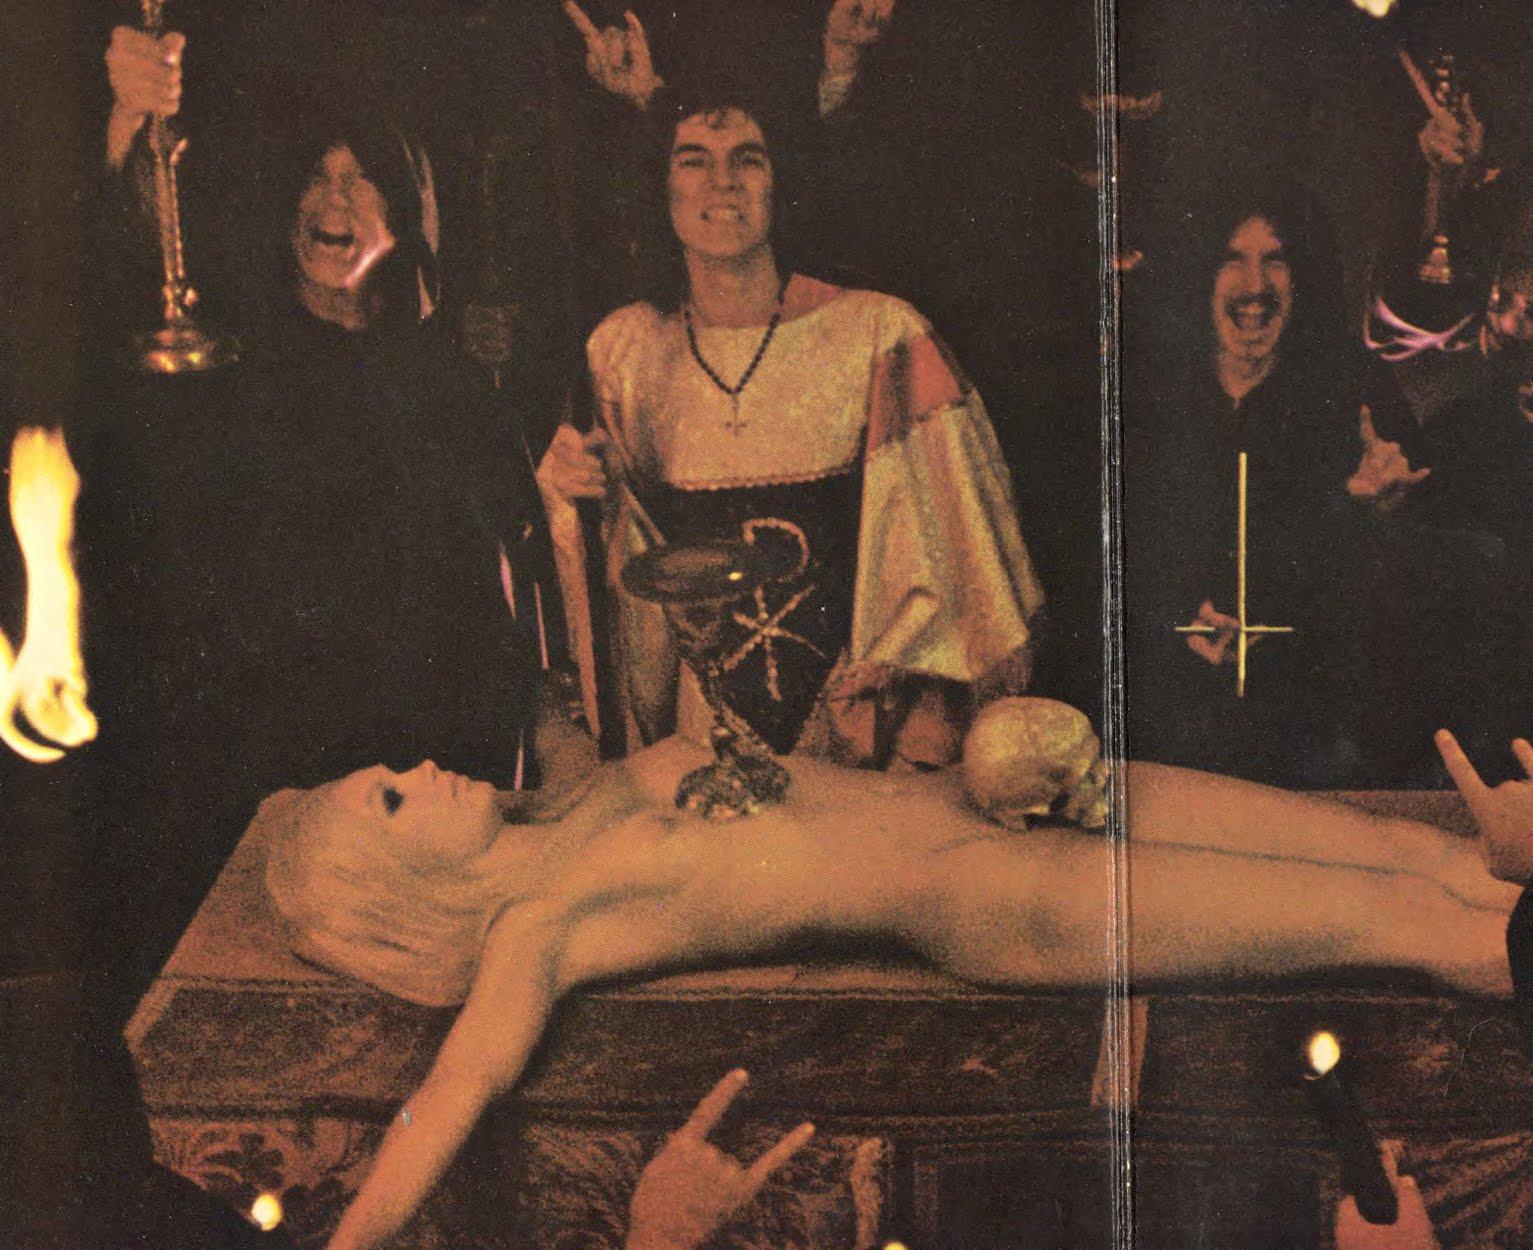 Naked Devil Worship 59